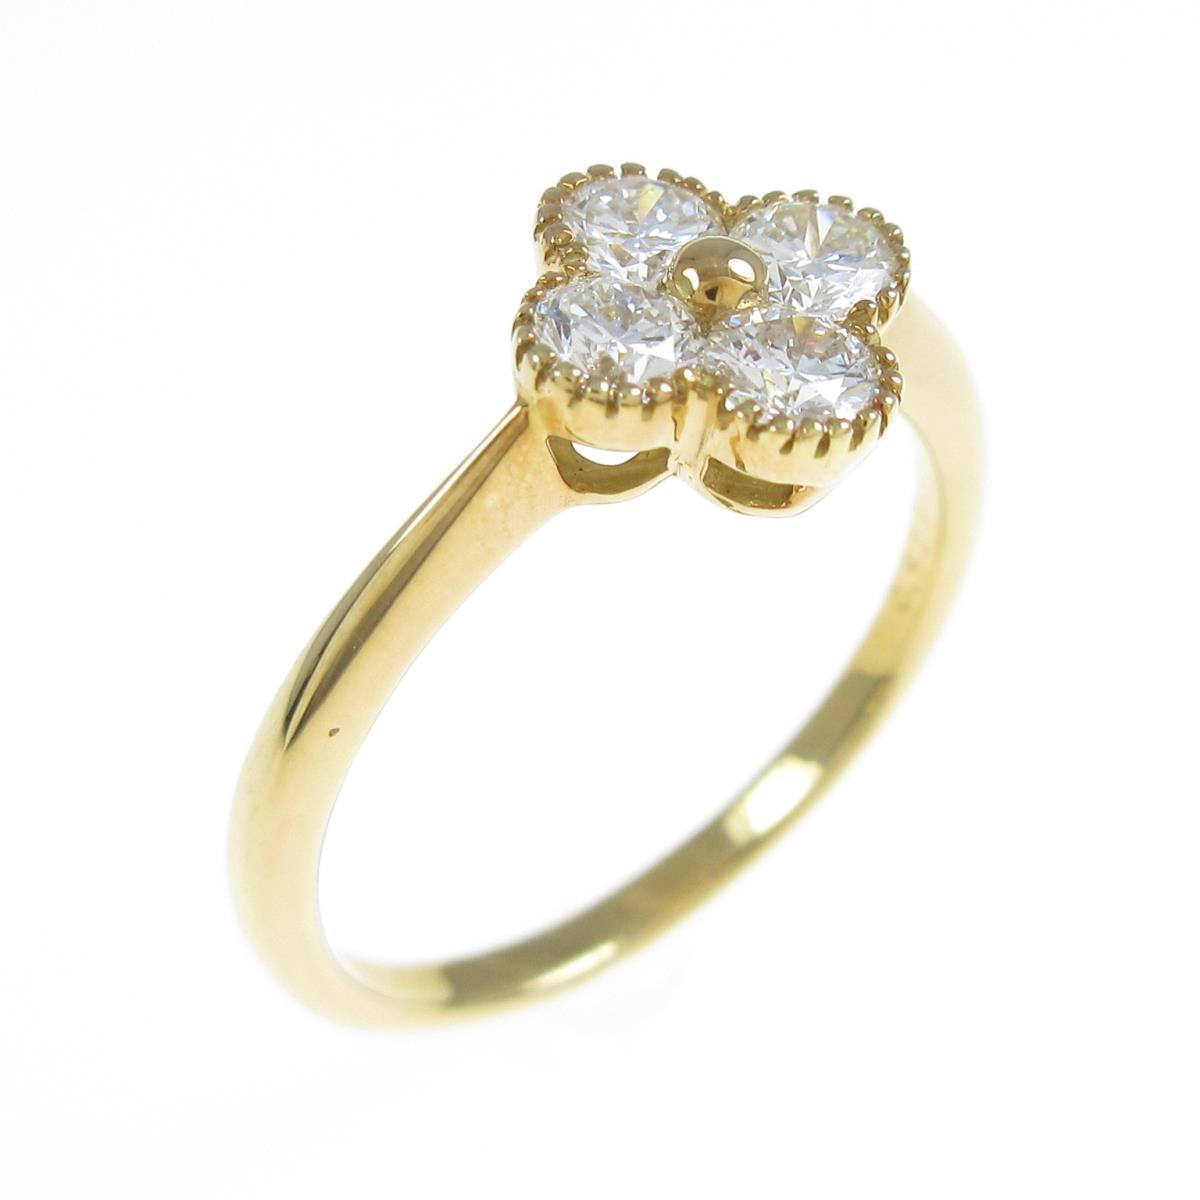 【新品】K18YG フラワー ダイヤモンドリング 0.532ct・G-H・SI1-2・GOOD【新品】